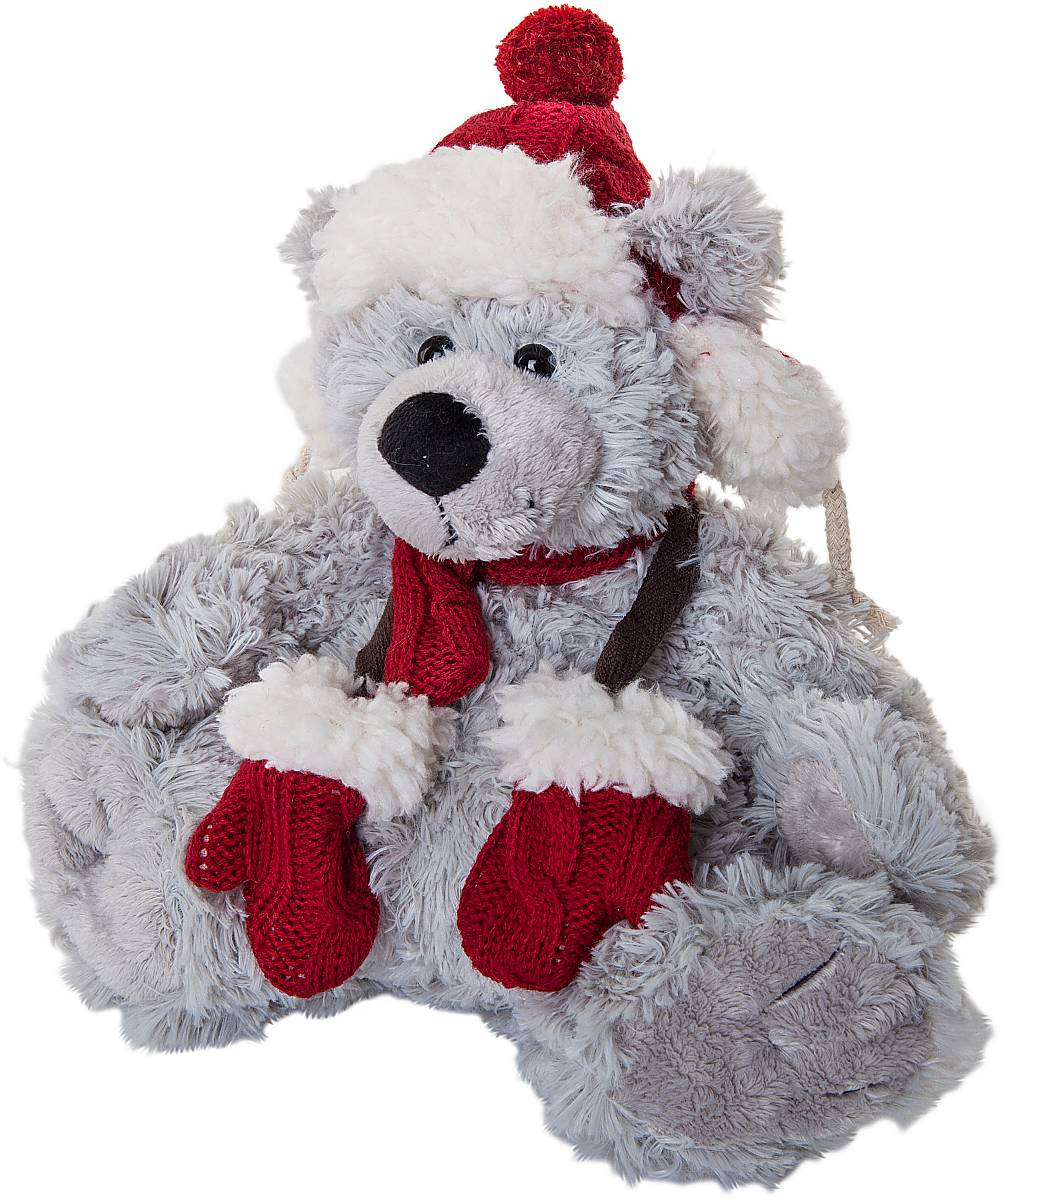 Игрушка новогодняя мягкая Mister Christmas Медвежонок, высота 20 см. WD-LG-R2SL250 503 09Мягкая новогодняя игрушка Mister Christmas Медвежонок, изготовленная из текстиля, прекрасно подойдет для праздничного декора дома. Изделие можно разместить в любом понравившемся вам месте. Новогодняя игрушка несет в себе волшебство и красоту праздника. Создайте в своем доме атмосферу веселья и радости, украшая дом красивыми игрушками, которые будут из года в год накапливать теплоту воспоминаний.